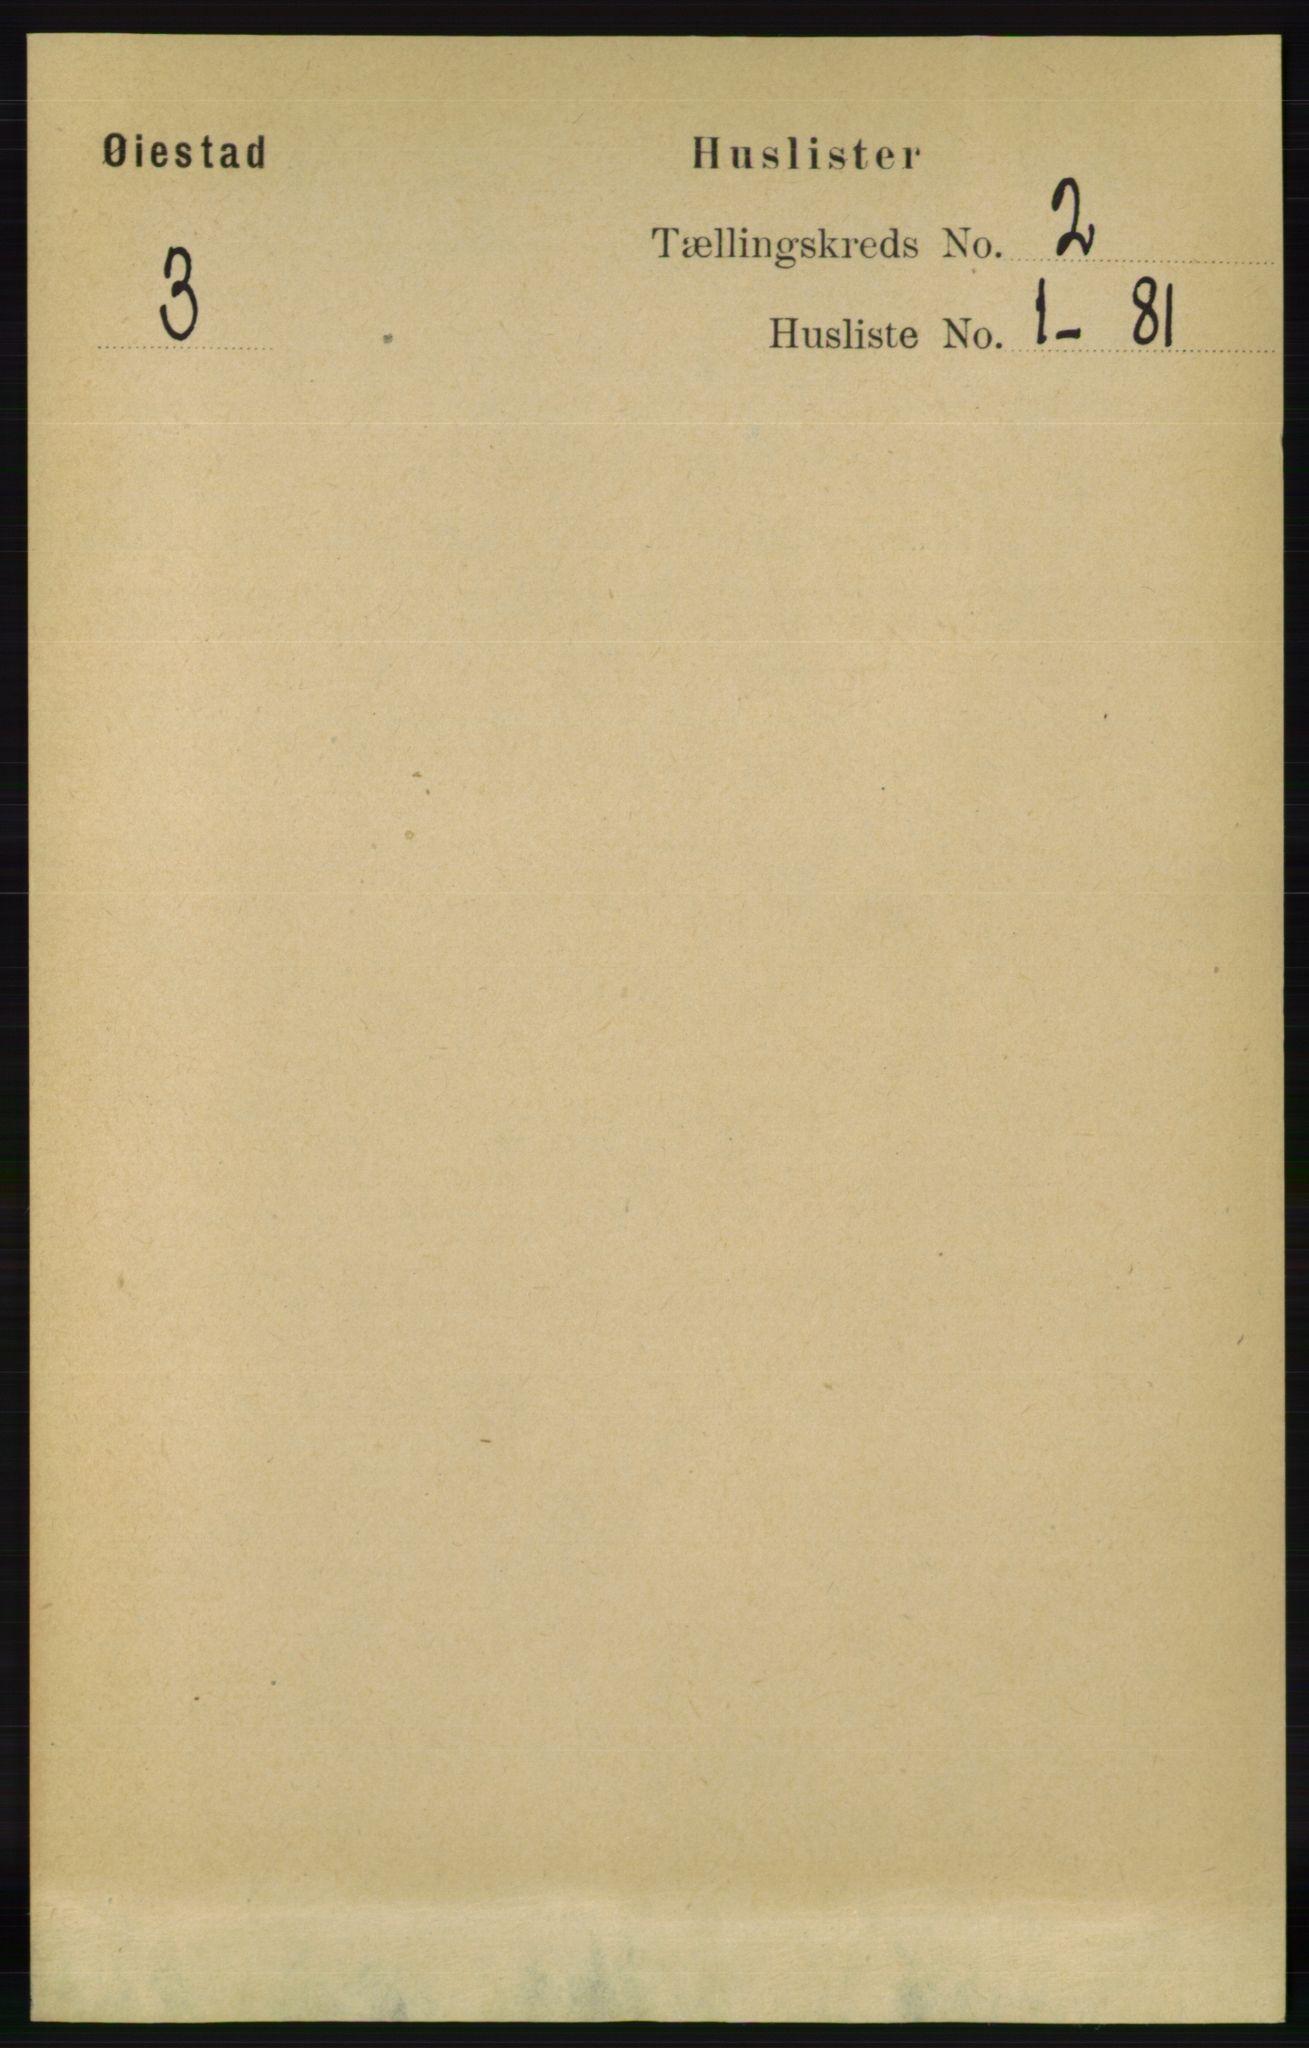 RA, Folketelling 1891 for 0920 Øyestad herred, 1891, s. 296